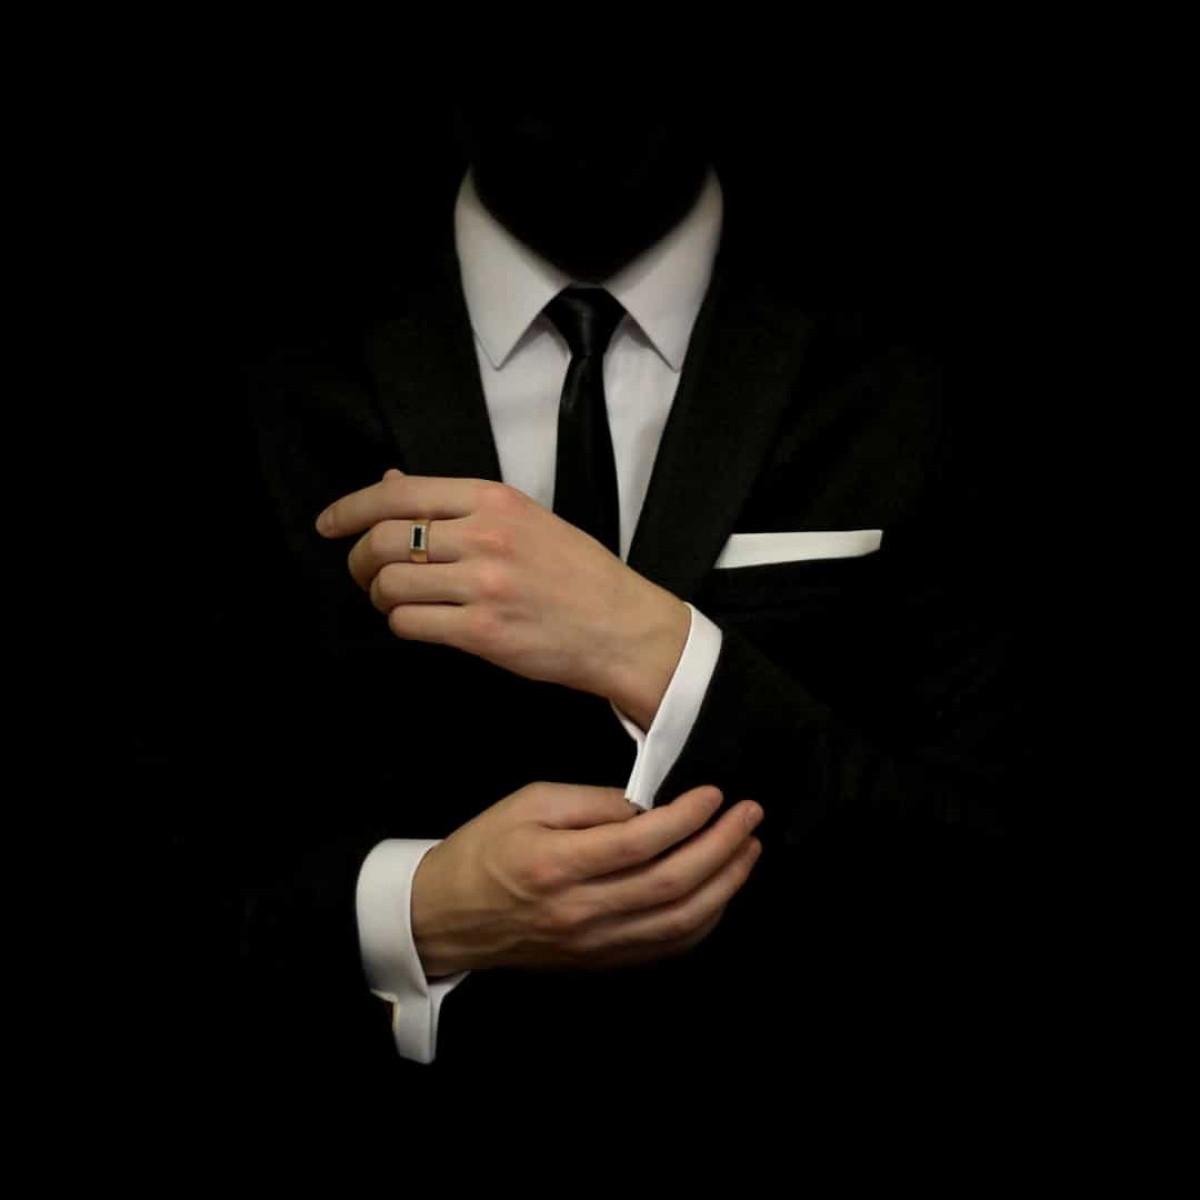 Tùy thuộc vào từng nền văn hóa khác nhau mà màu đen tượng trưng cho sự trang nghiêm và tinh tế, cũng như tượng trưng cho cái chết, quỷ dữ, sự tiếc thương, bệnh tật và sự bí ẩn.